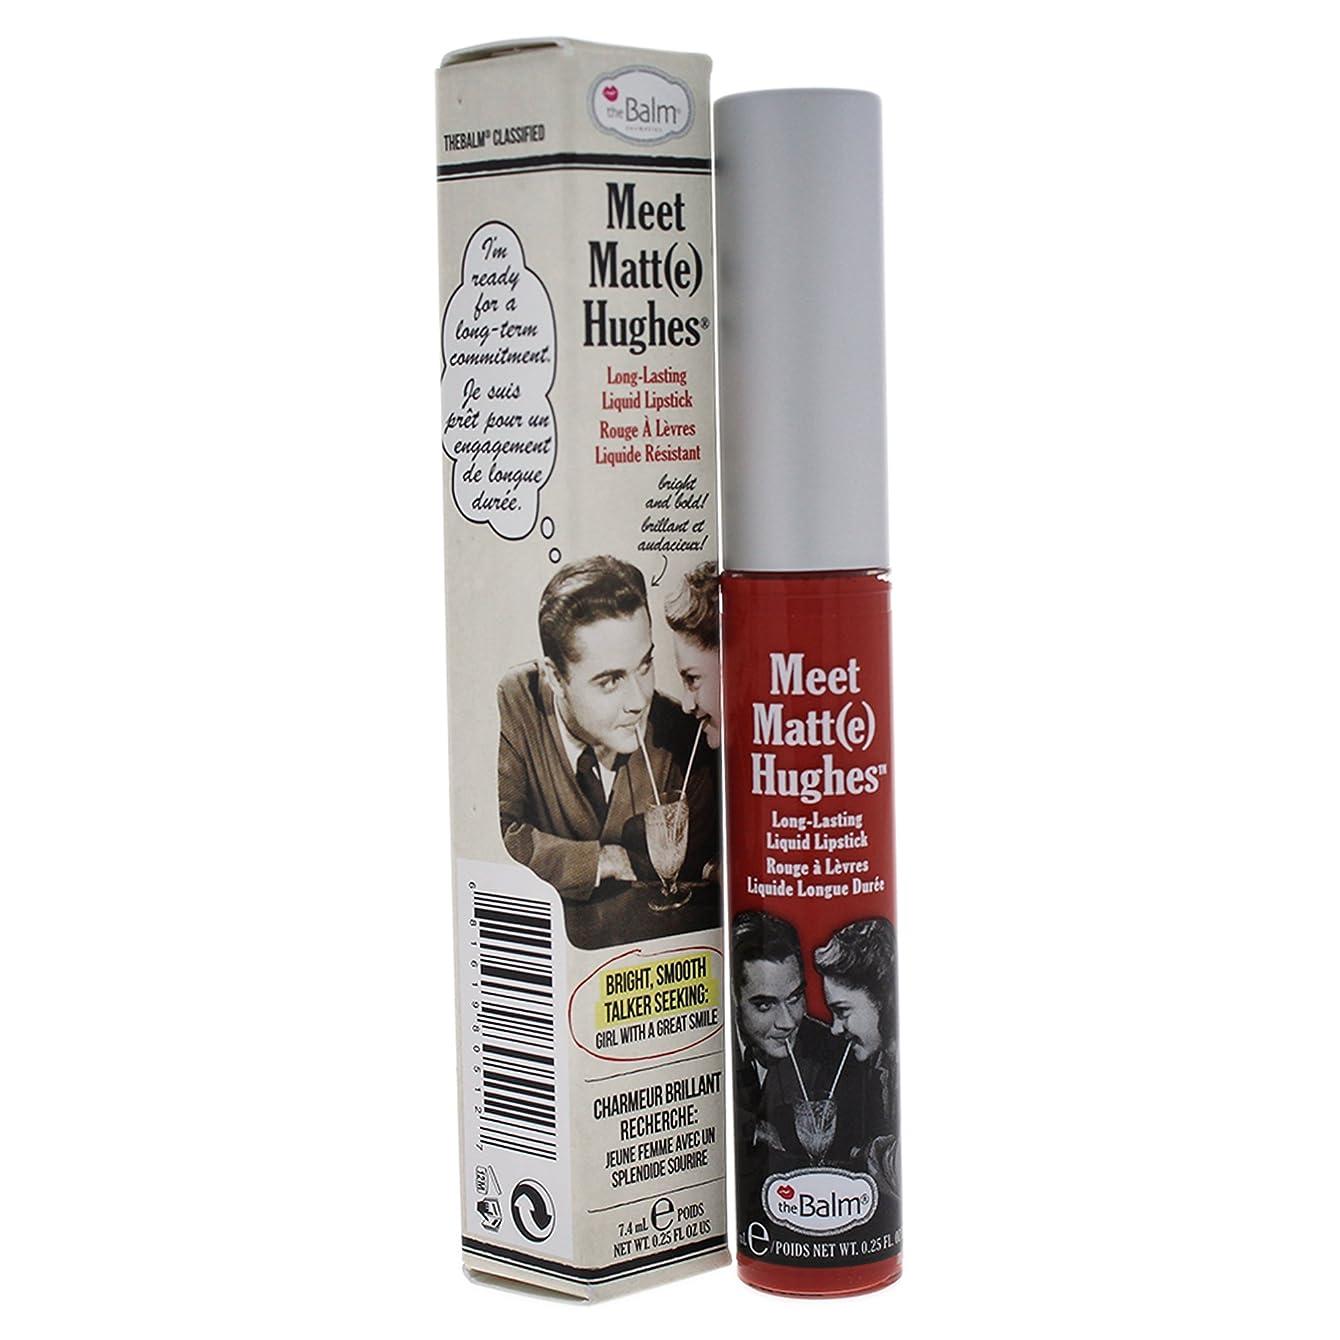 カウント悲劇わかりやすいザバーム Meet Matte Hughes Long Lasting Liquid Lipstick - Honest 7.4ml/0.25oz並行輸入品